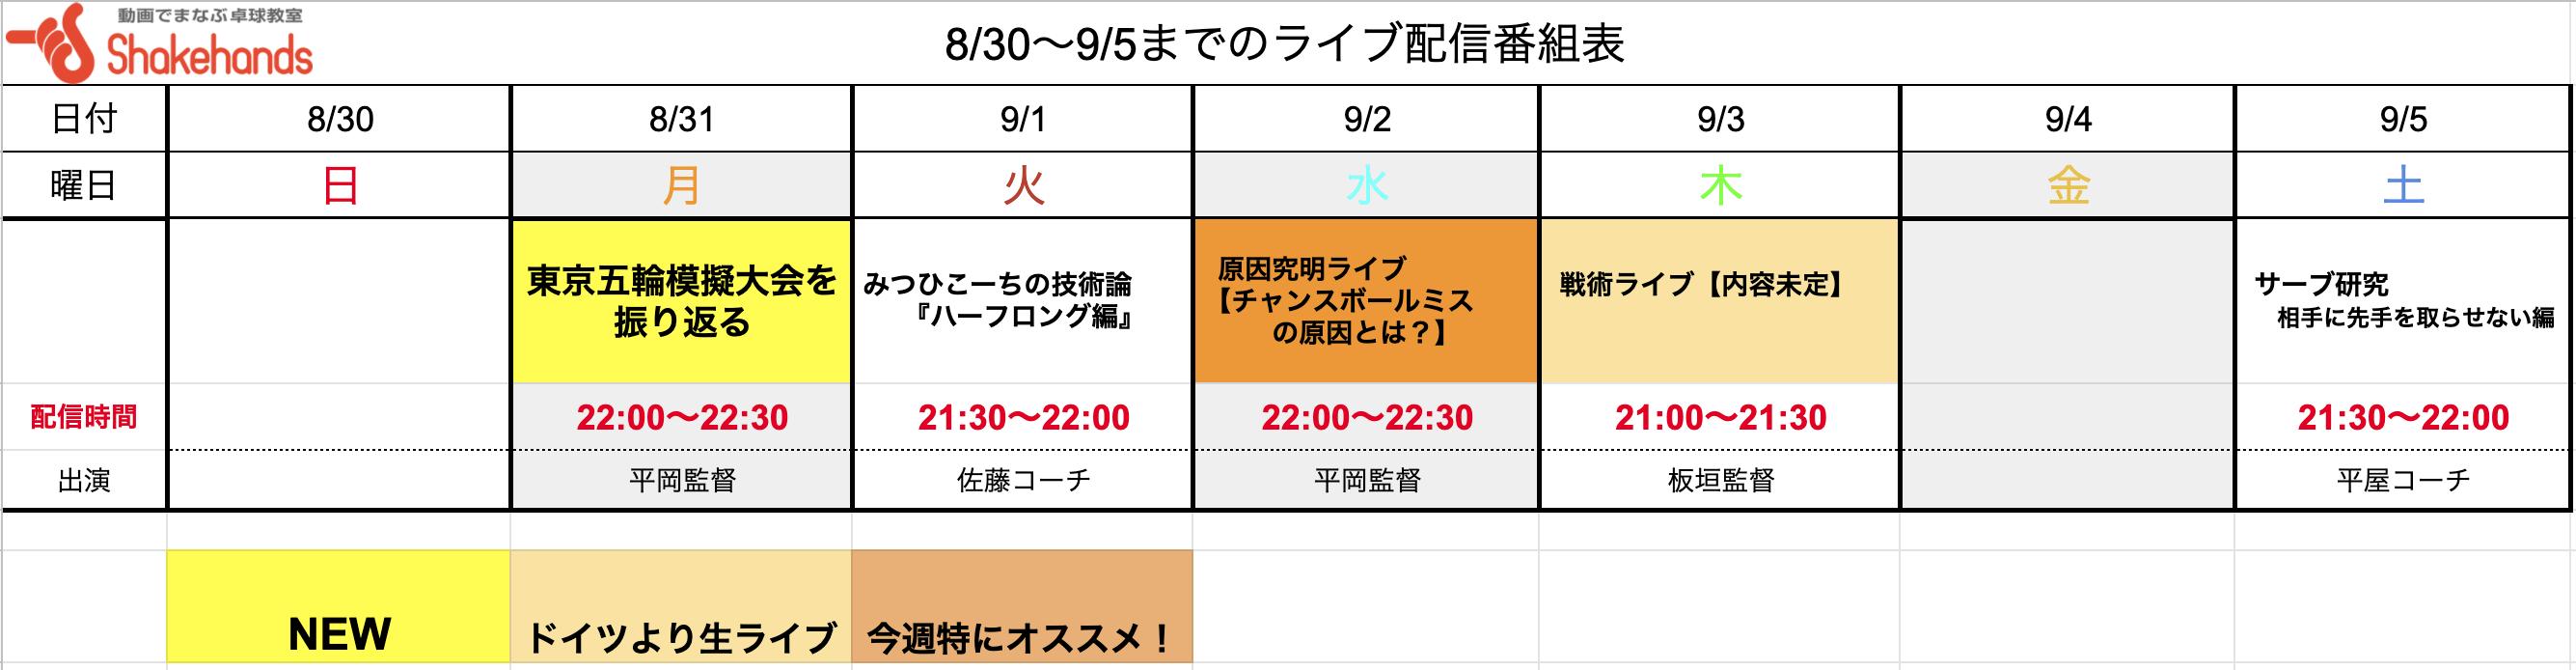 【ライブ番組表まとめ】8/30〜9/5のライブ番組表公開しました!